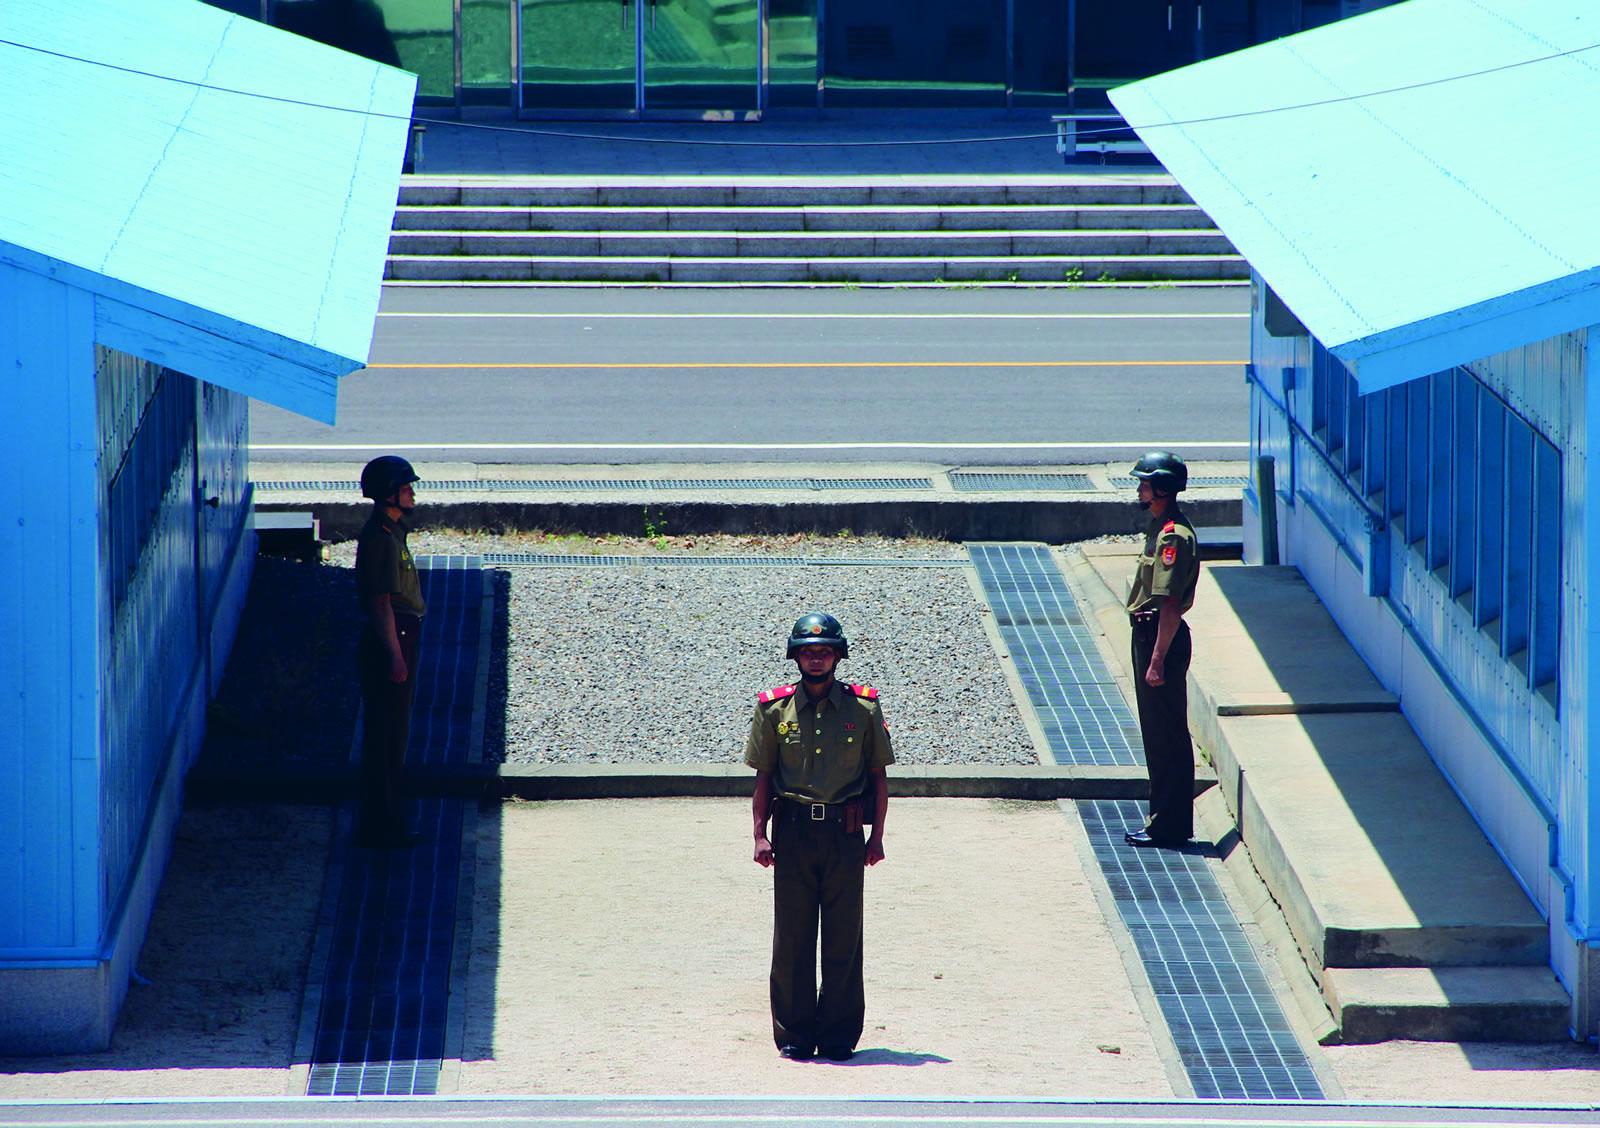 El dilema de Kim Jong Un: mantener el gasto militar o reformar la economía